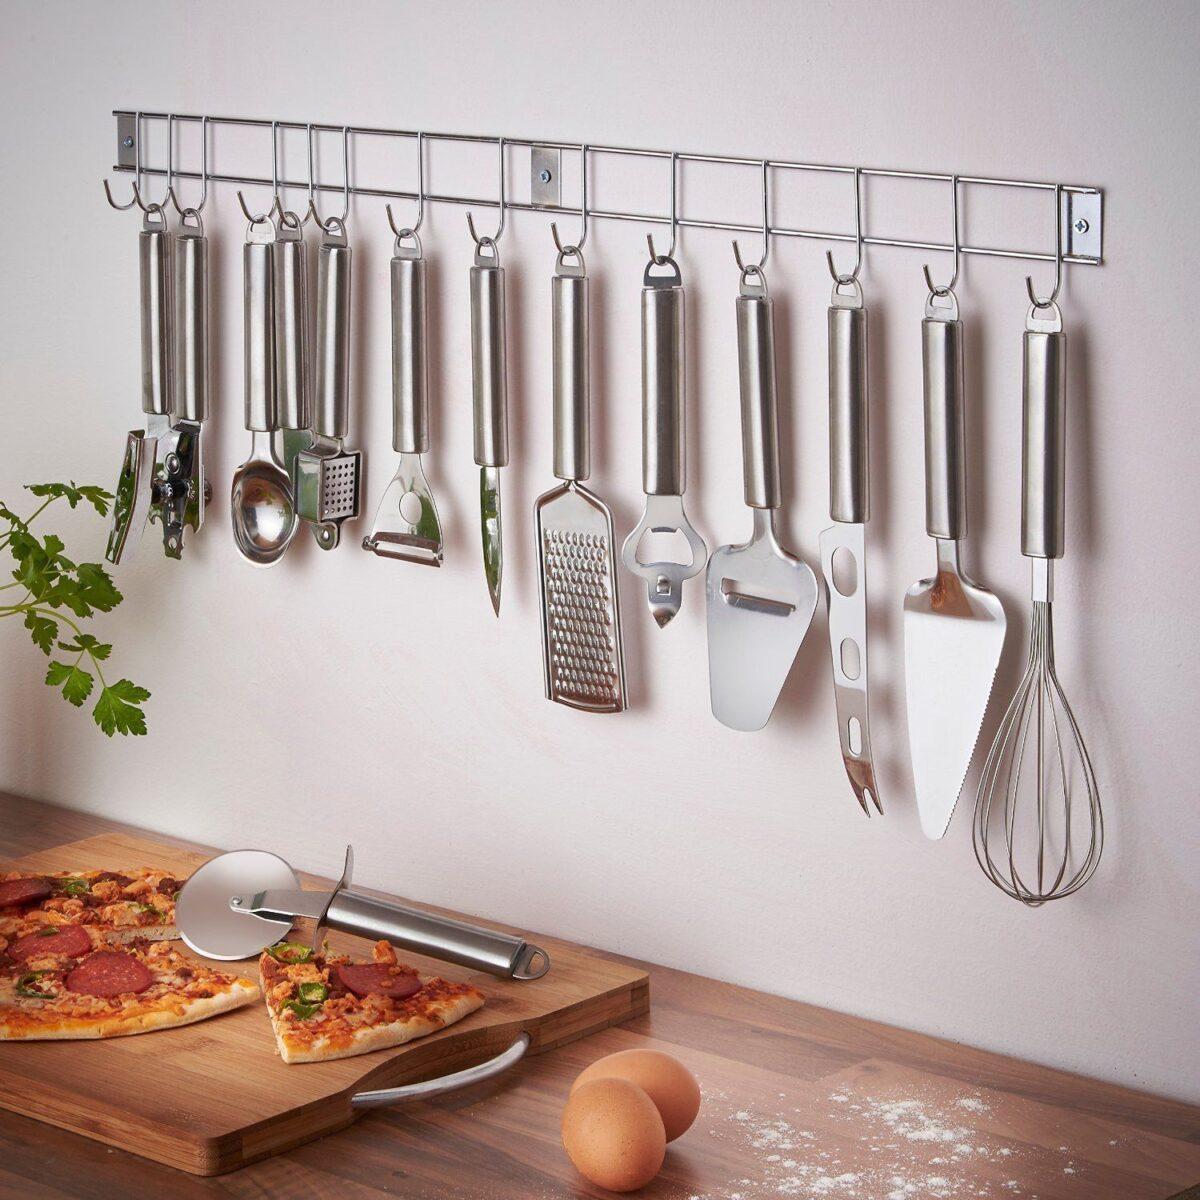 10-trucchi-fai-da-te-per-abbellire-la-cucina-7